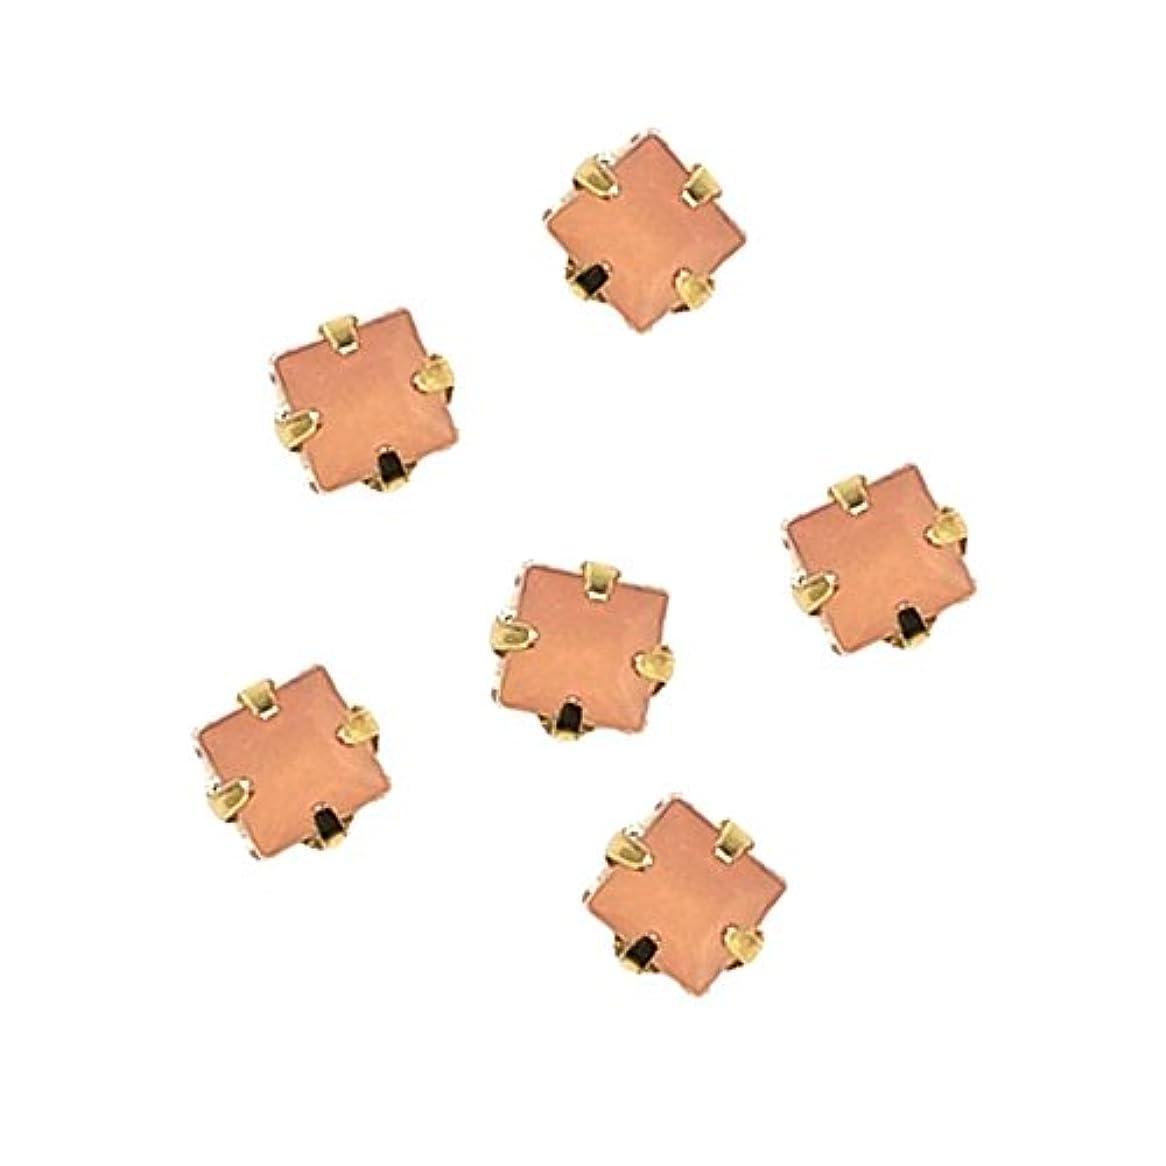 ストローク通貨論争の的Bonnail×MINT ONE DROP CS キューブ アプリコット